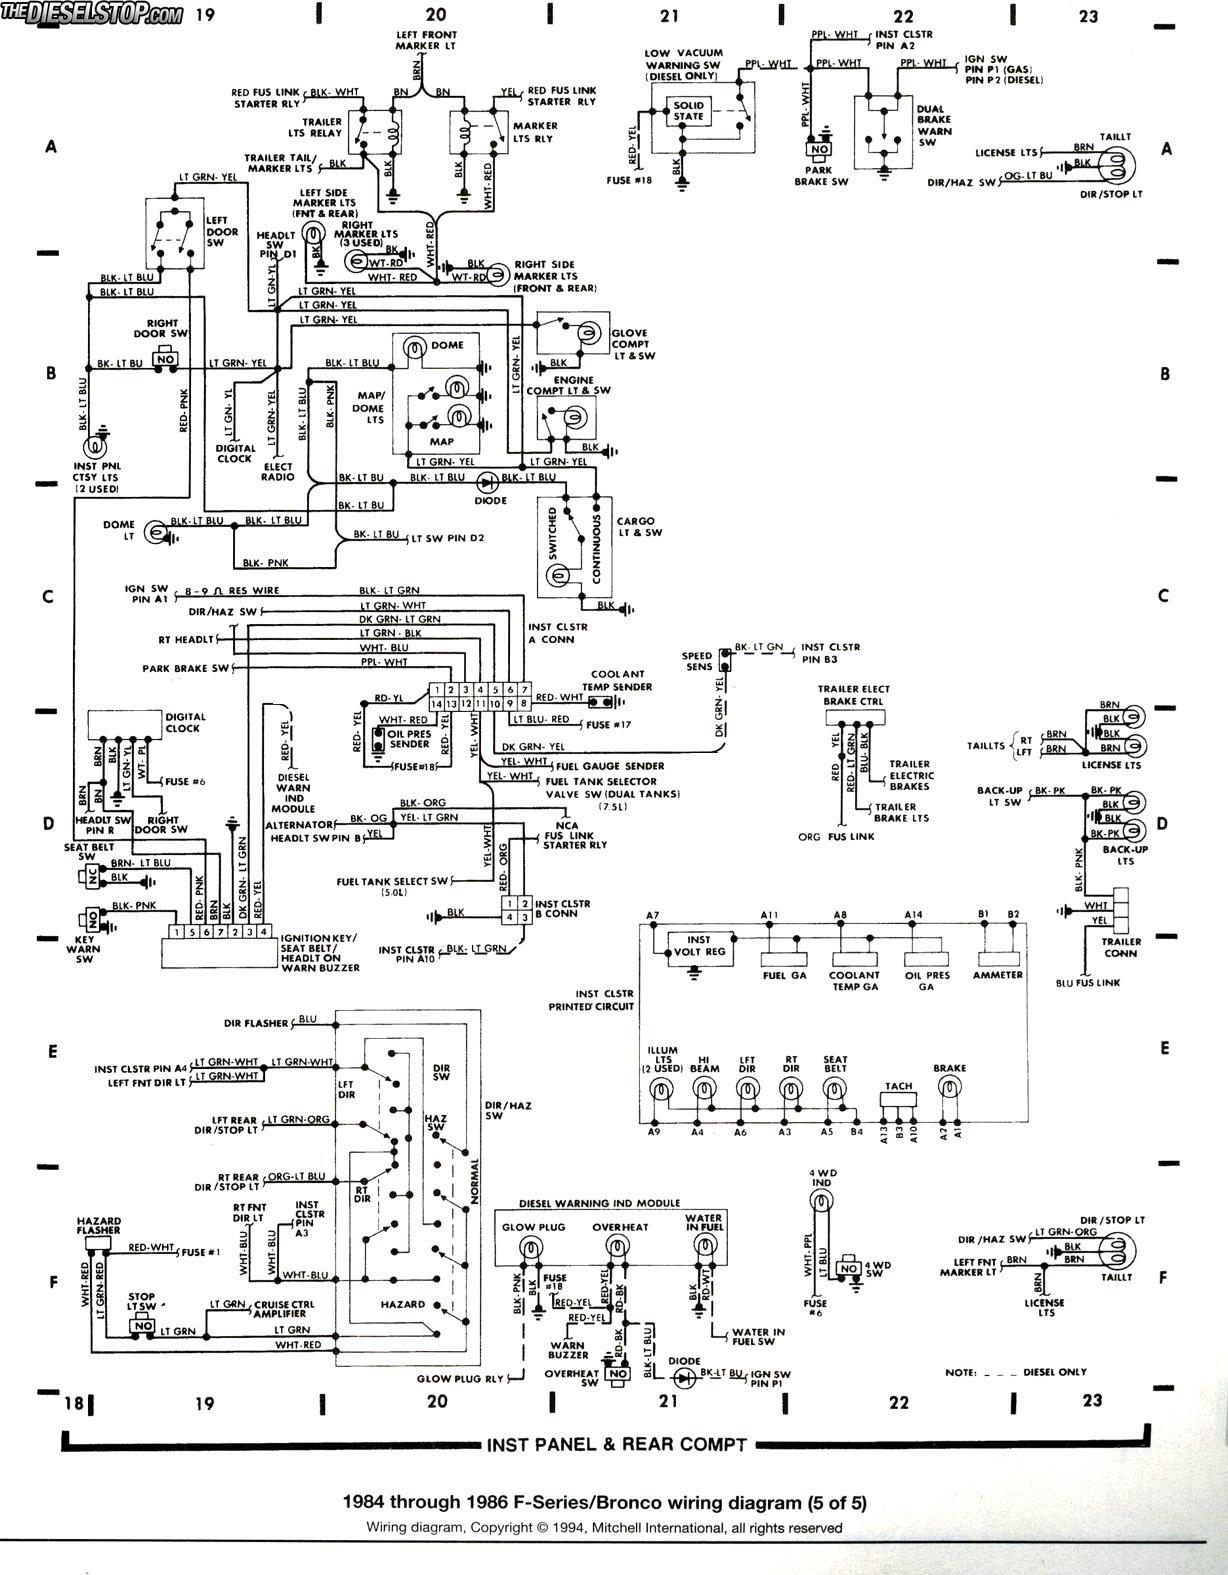 1985 ford tempo fuse box